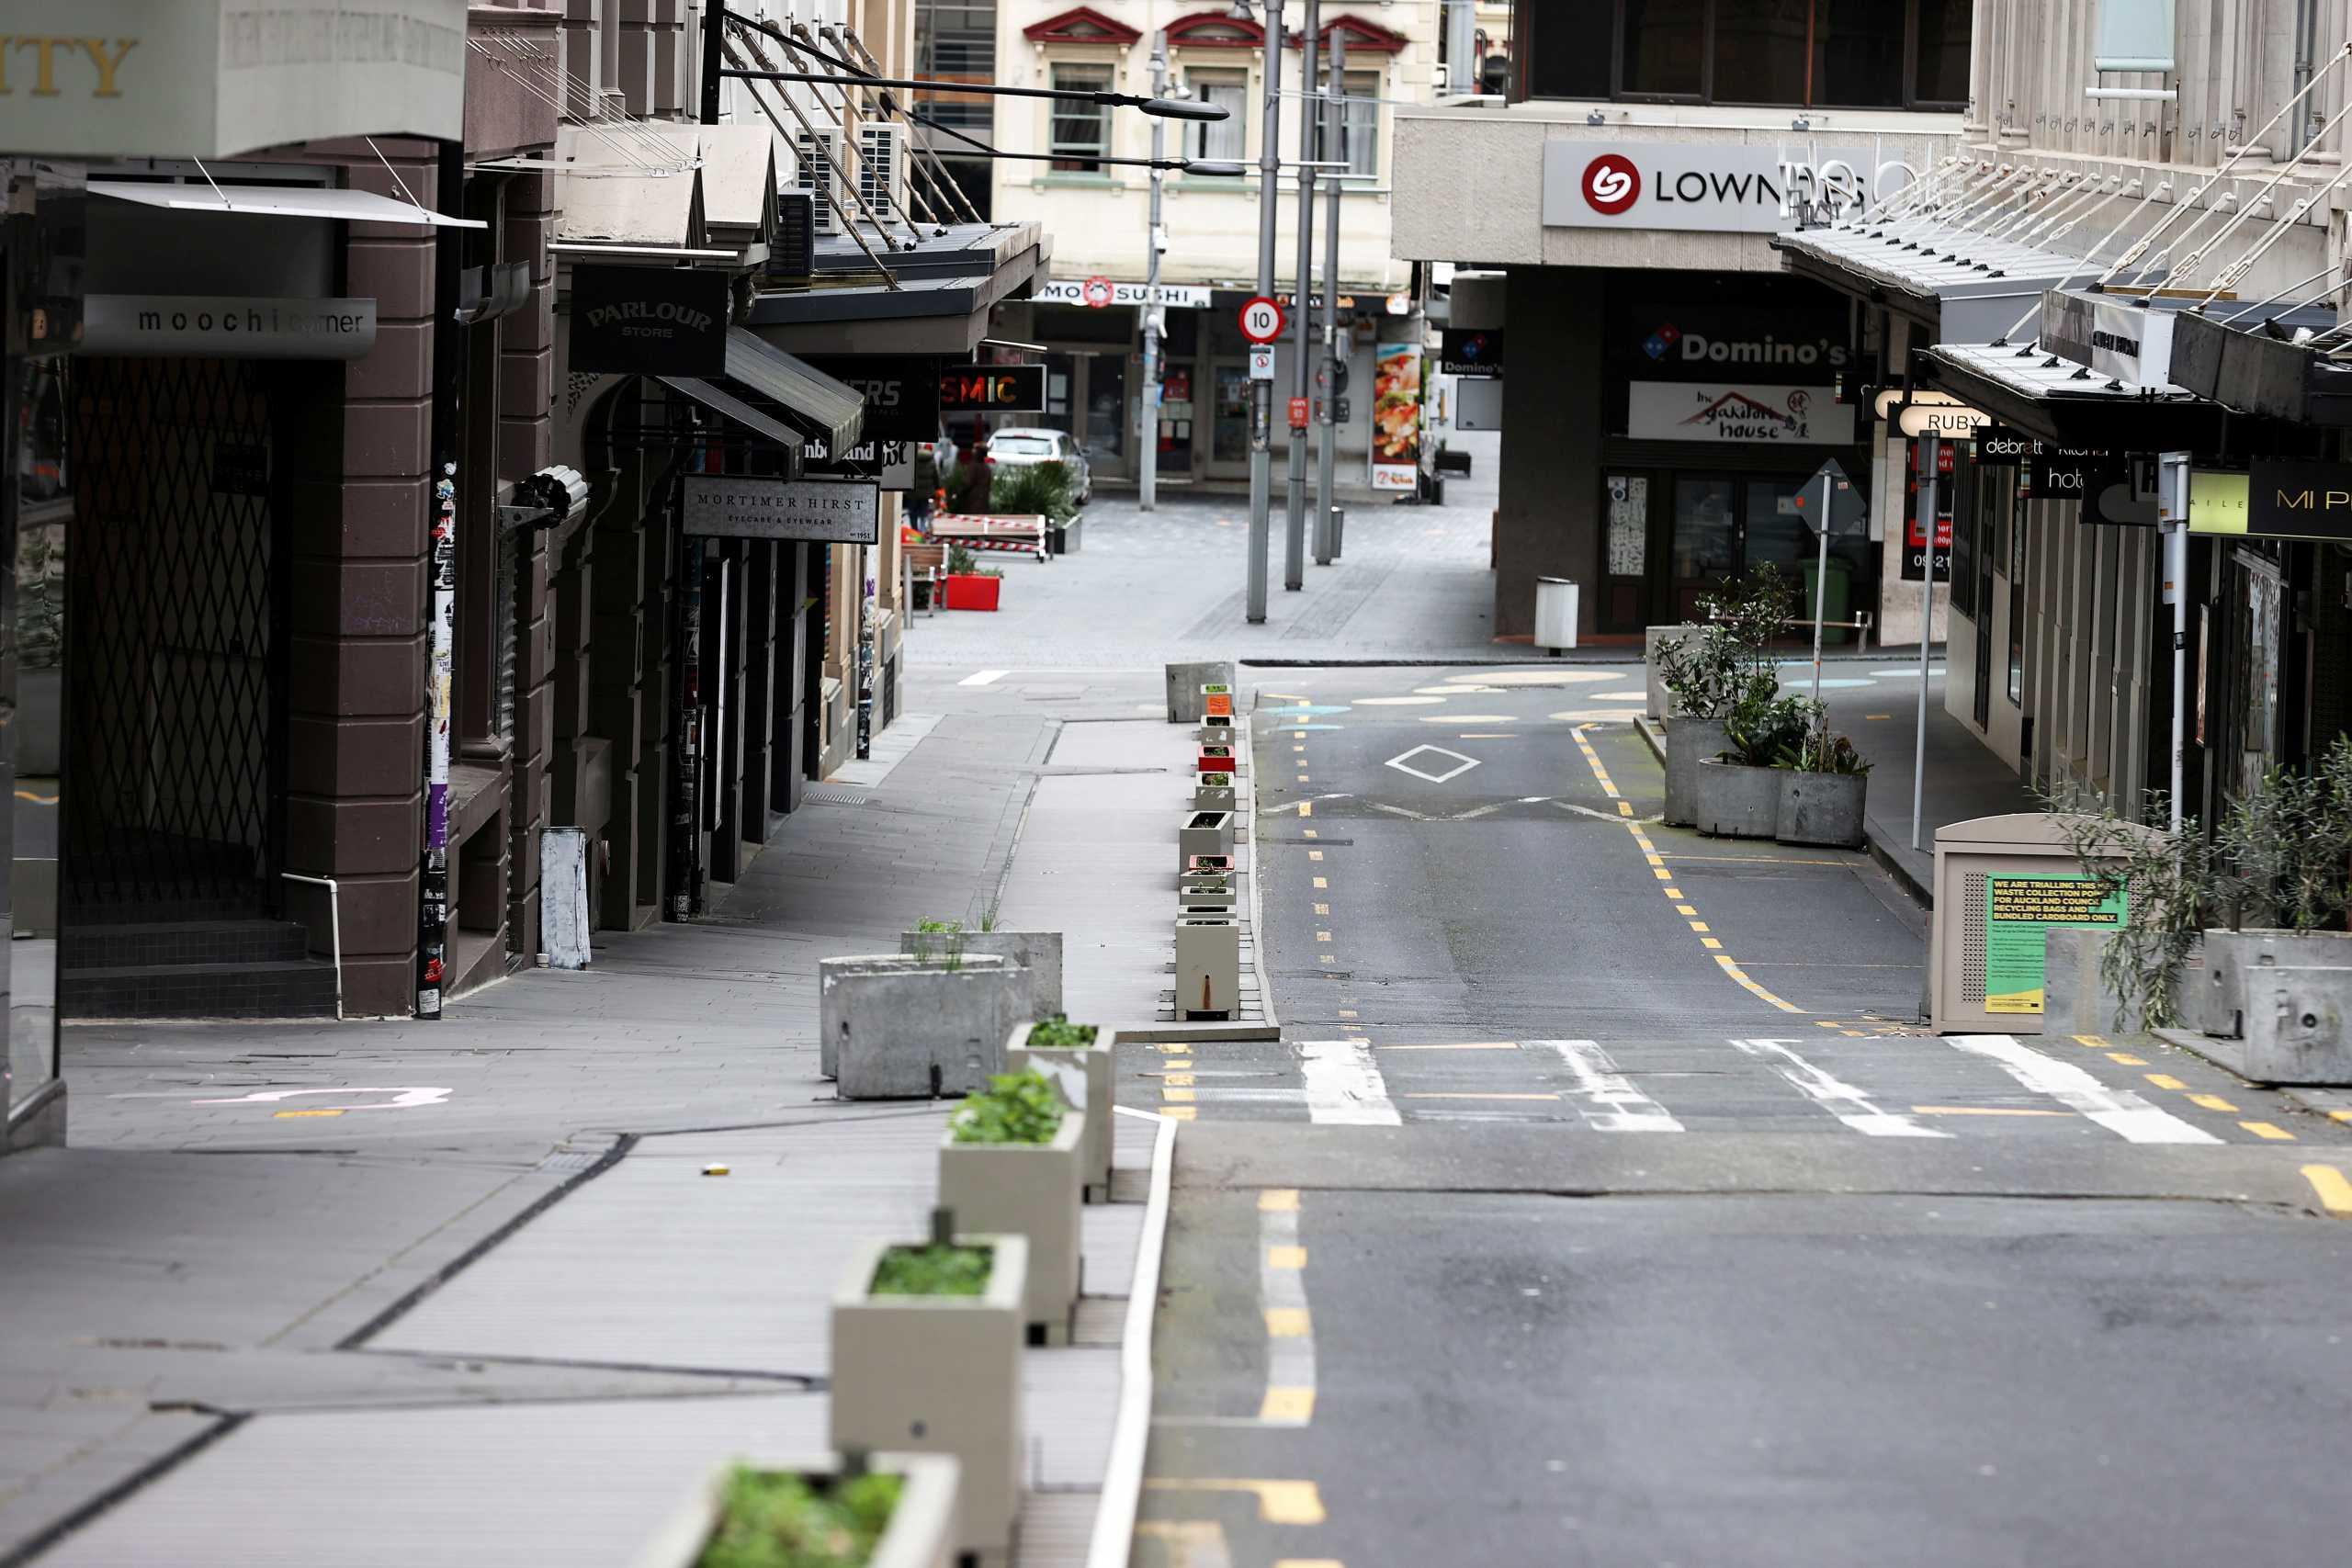 Νέα Ζηλανδία: Το σκληρό lockdown «ρίχνει» τα κρούσματα κορονοϊού για 2η μέρα